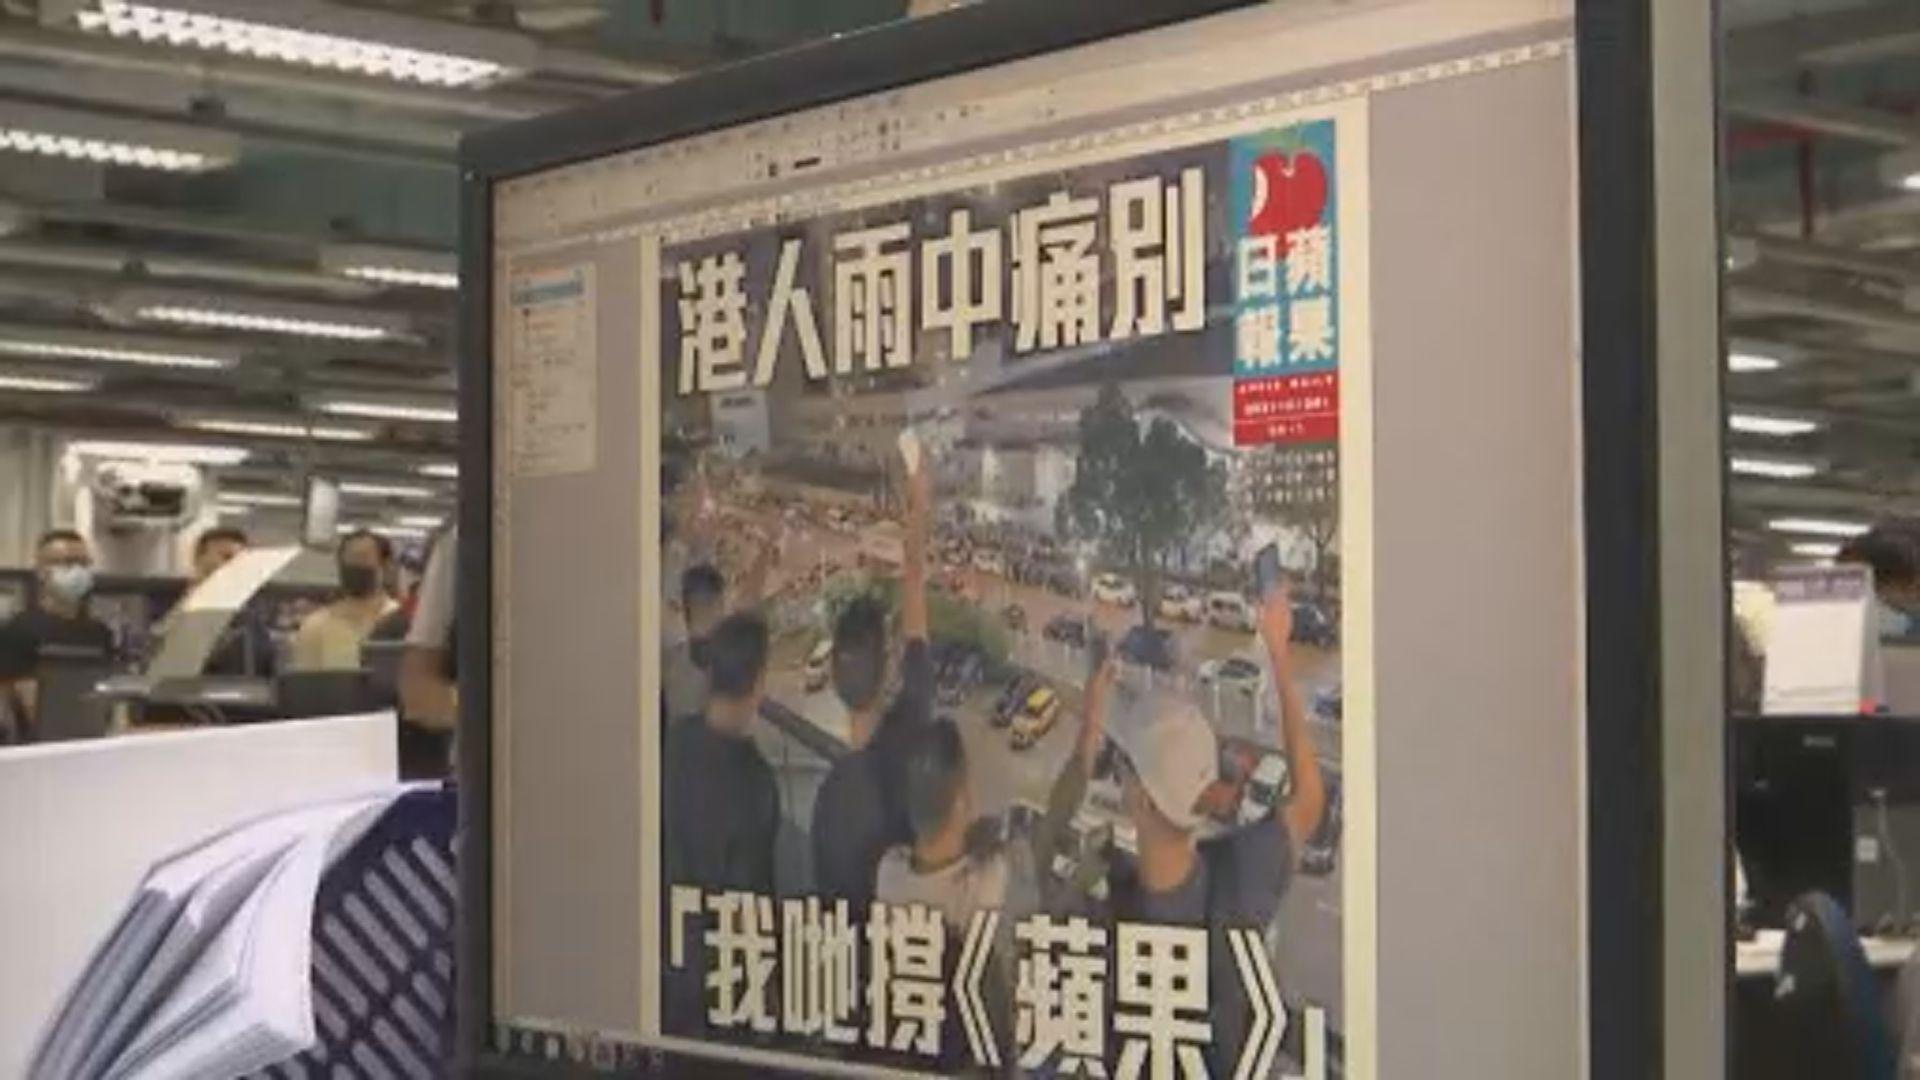 蘋果日報午夜後停止運作 員工向大樓外市民派發最後一份報紙